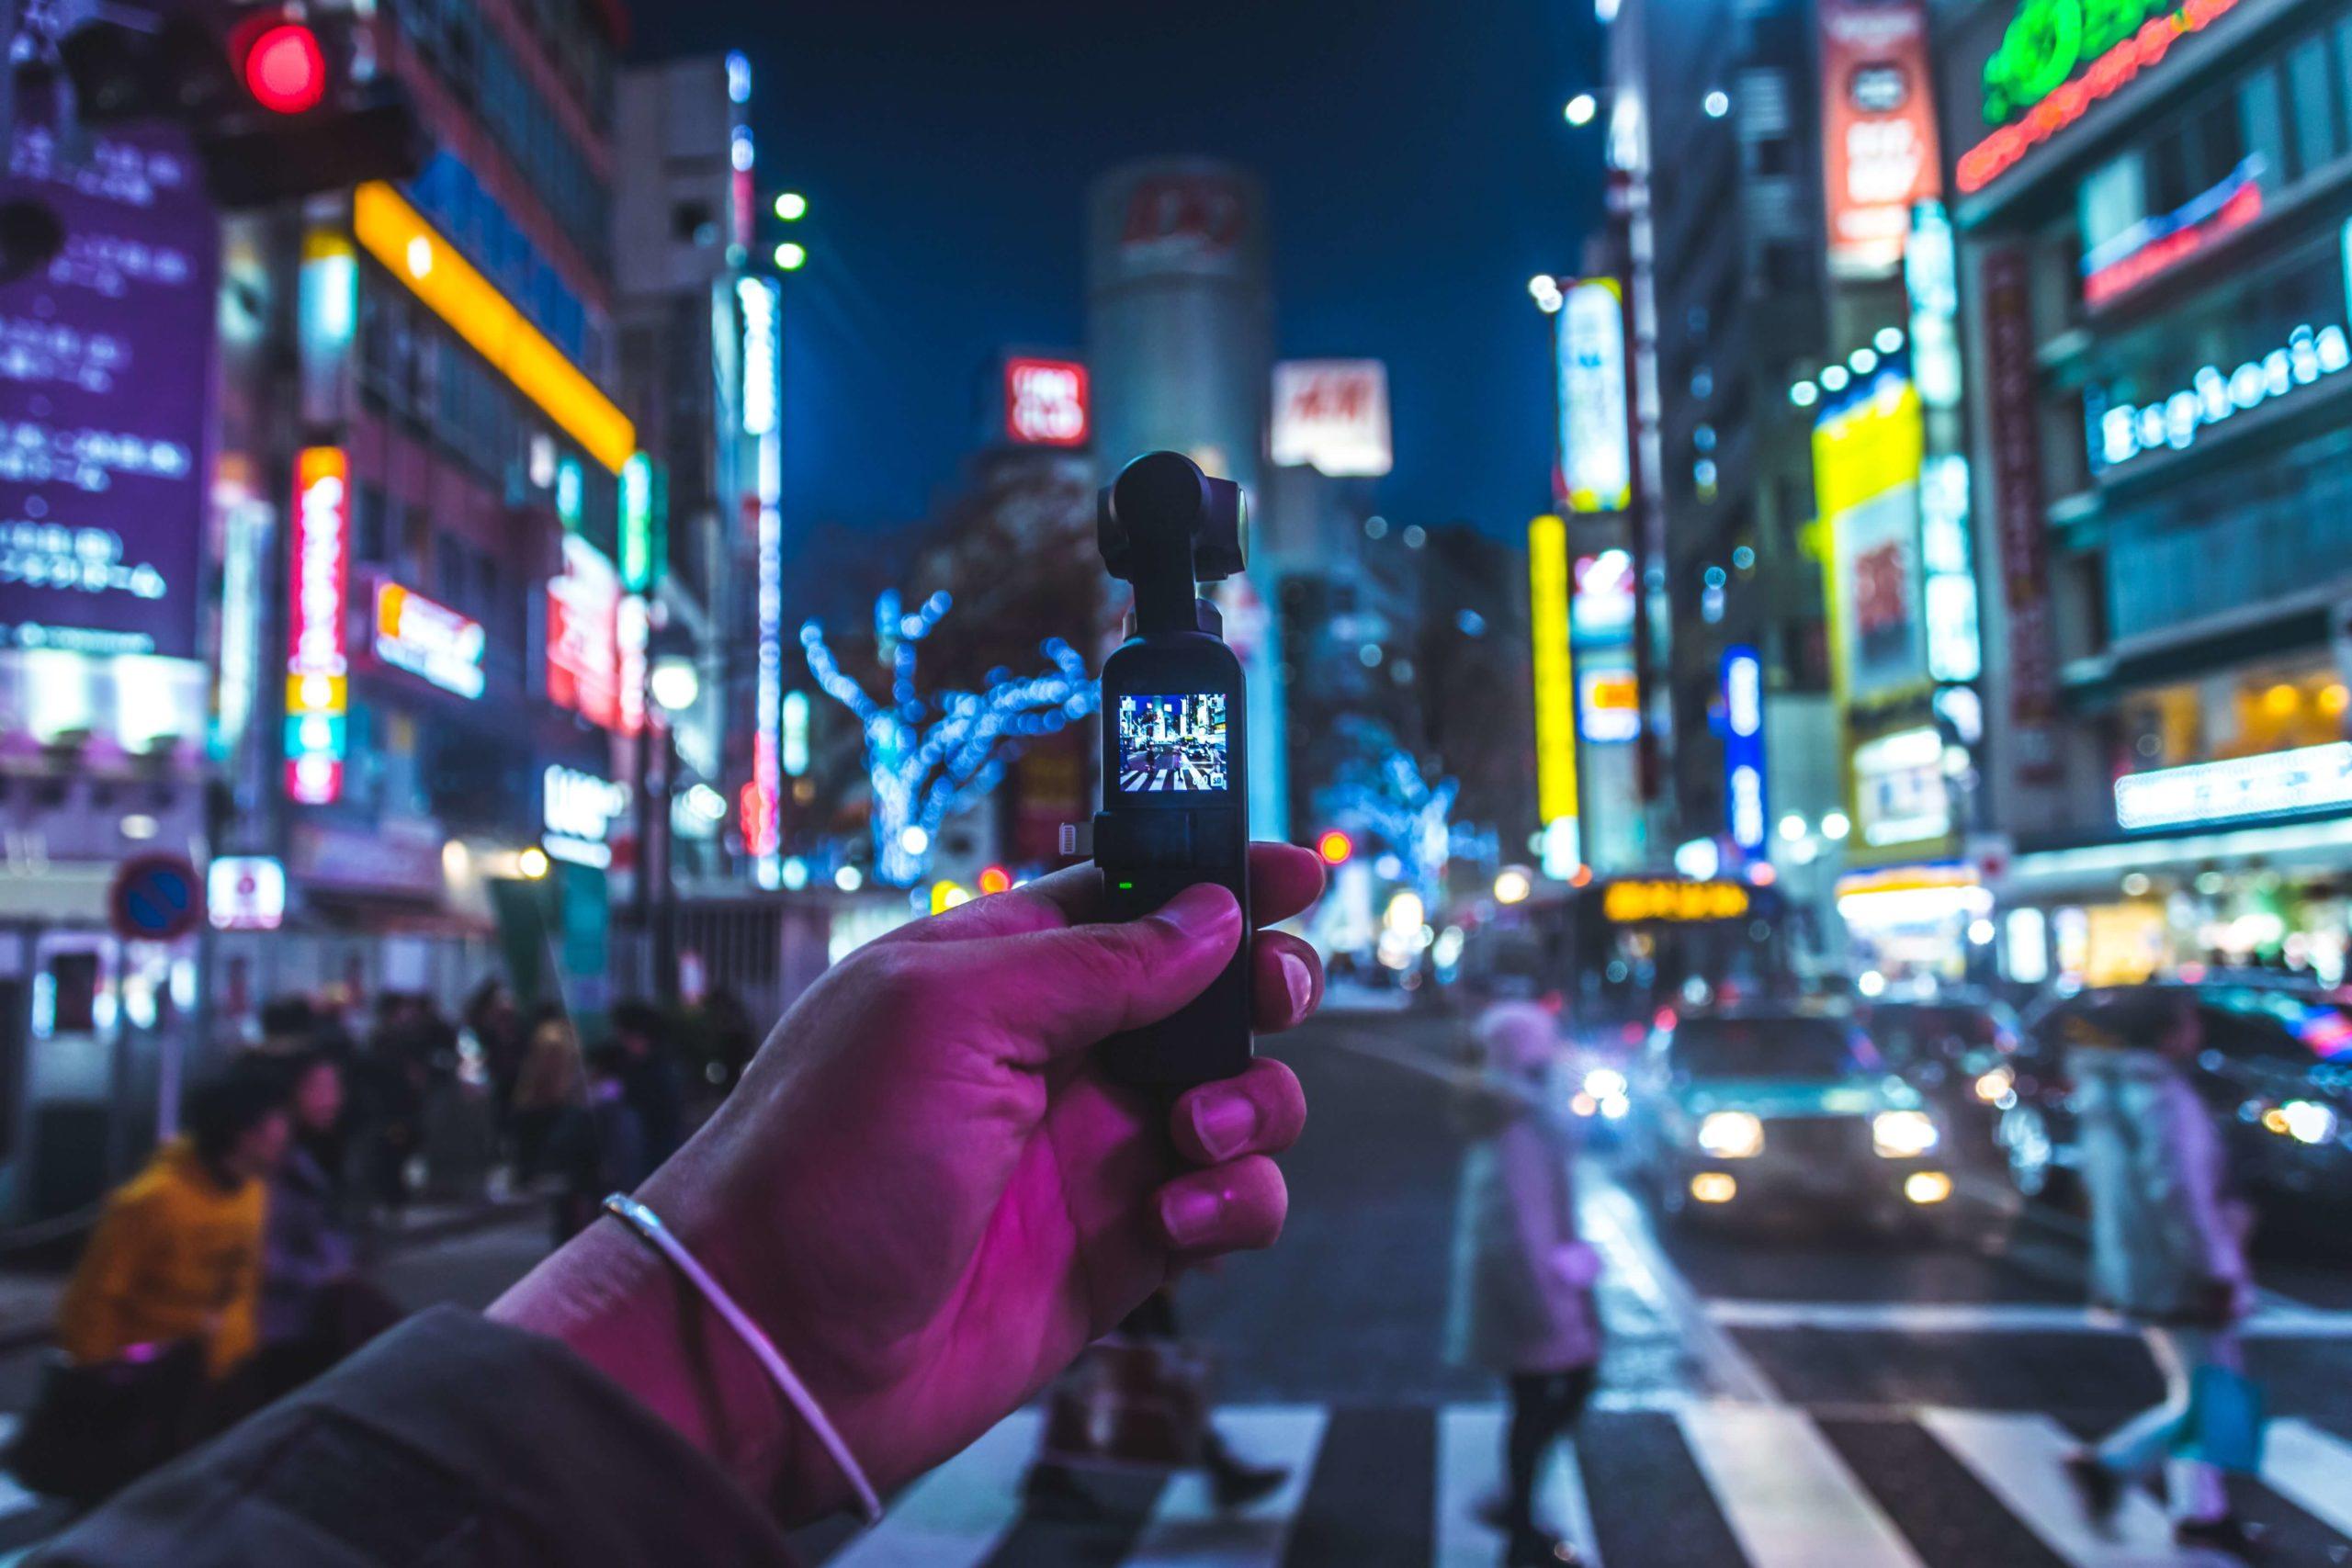 【 Osmo Pocket 】新型アクションカメラを徹底解説